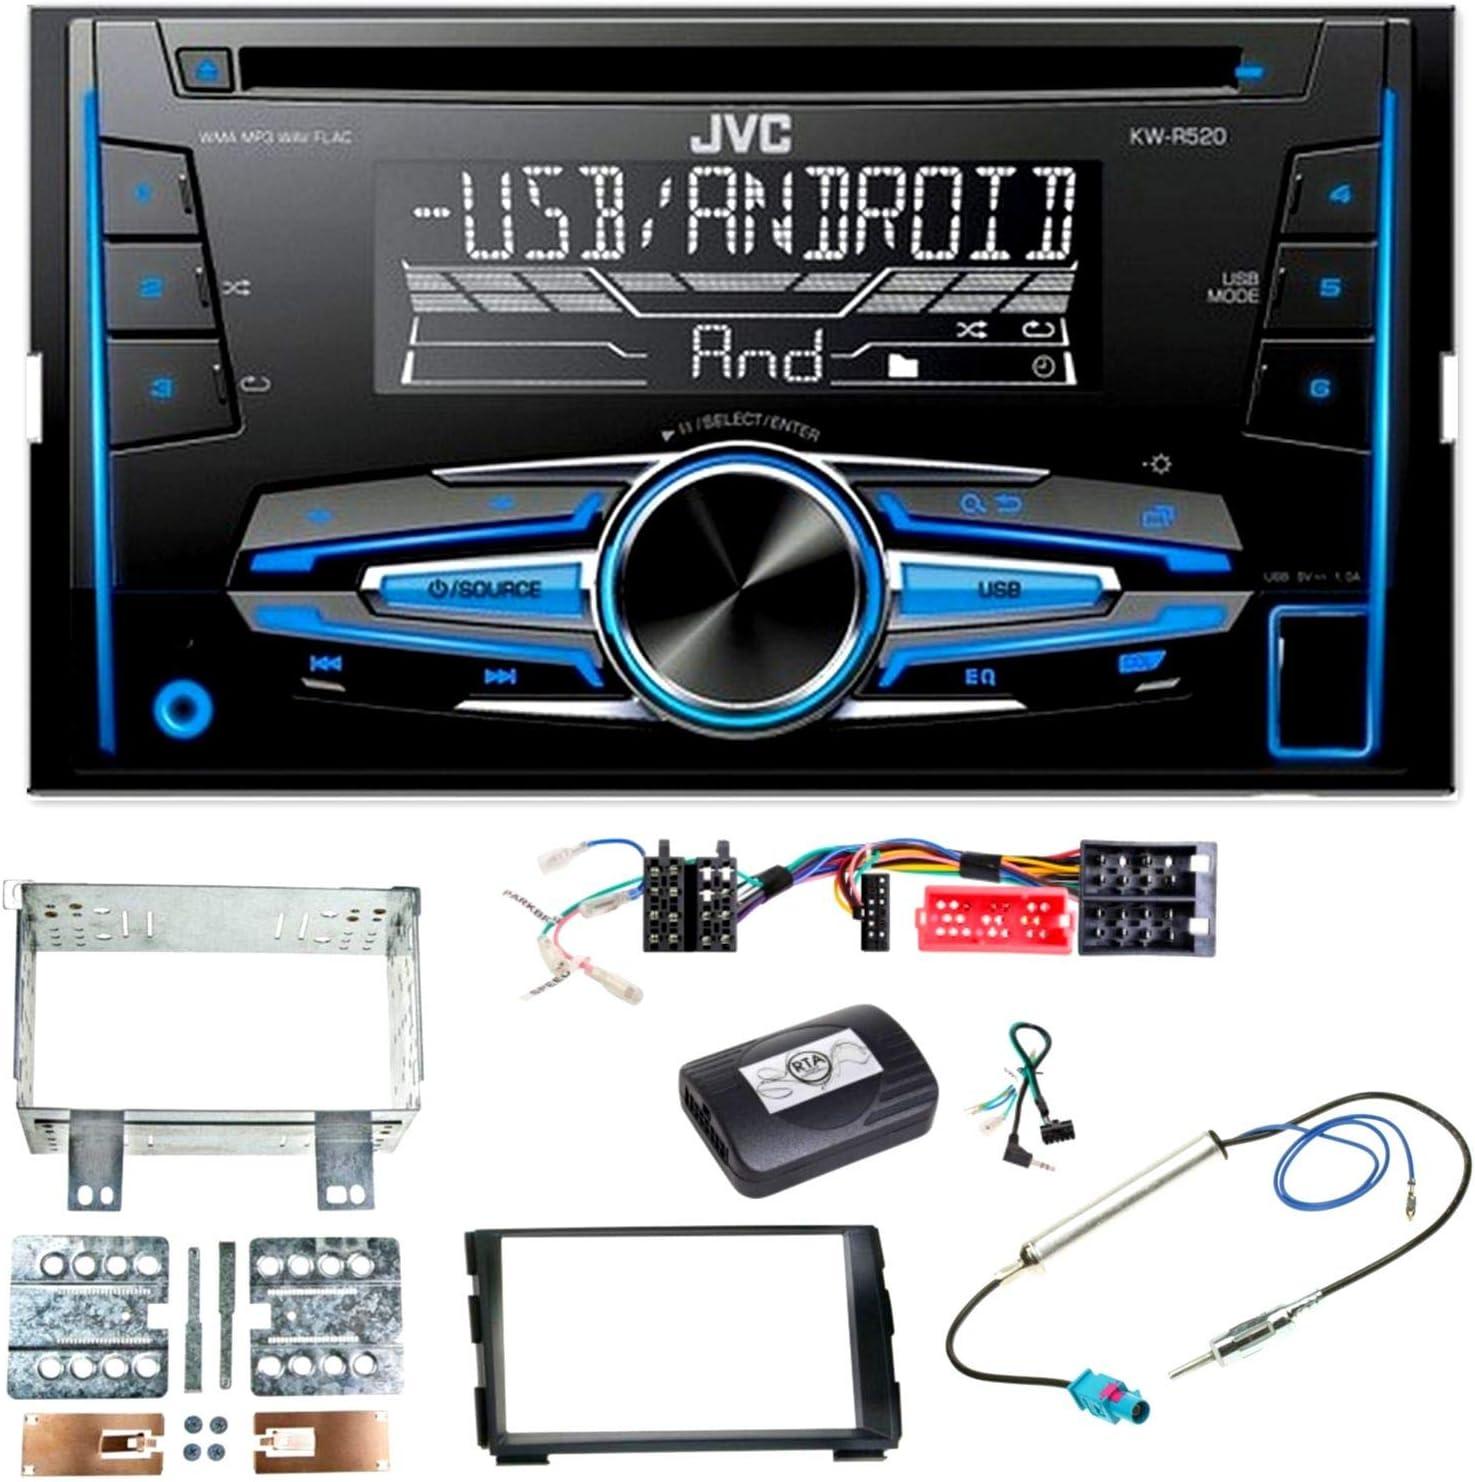 Jvc Kw R520 Cd Usb Aux Mp3 Autoradio Einbauset Für Kia Elektronik